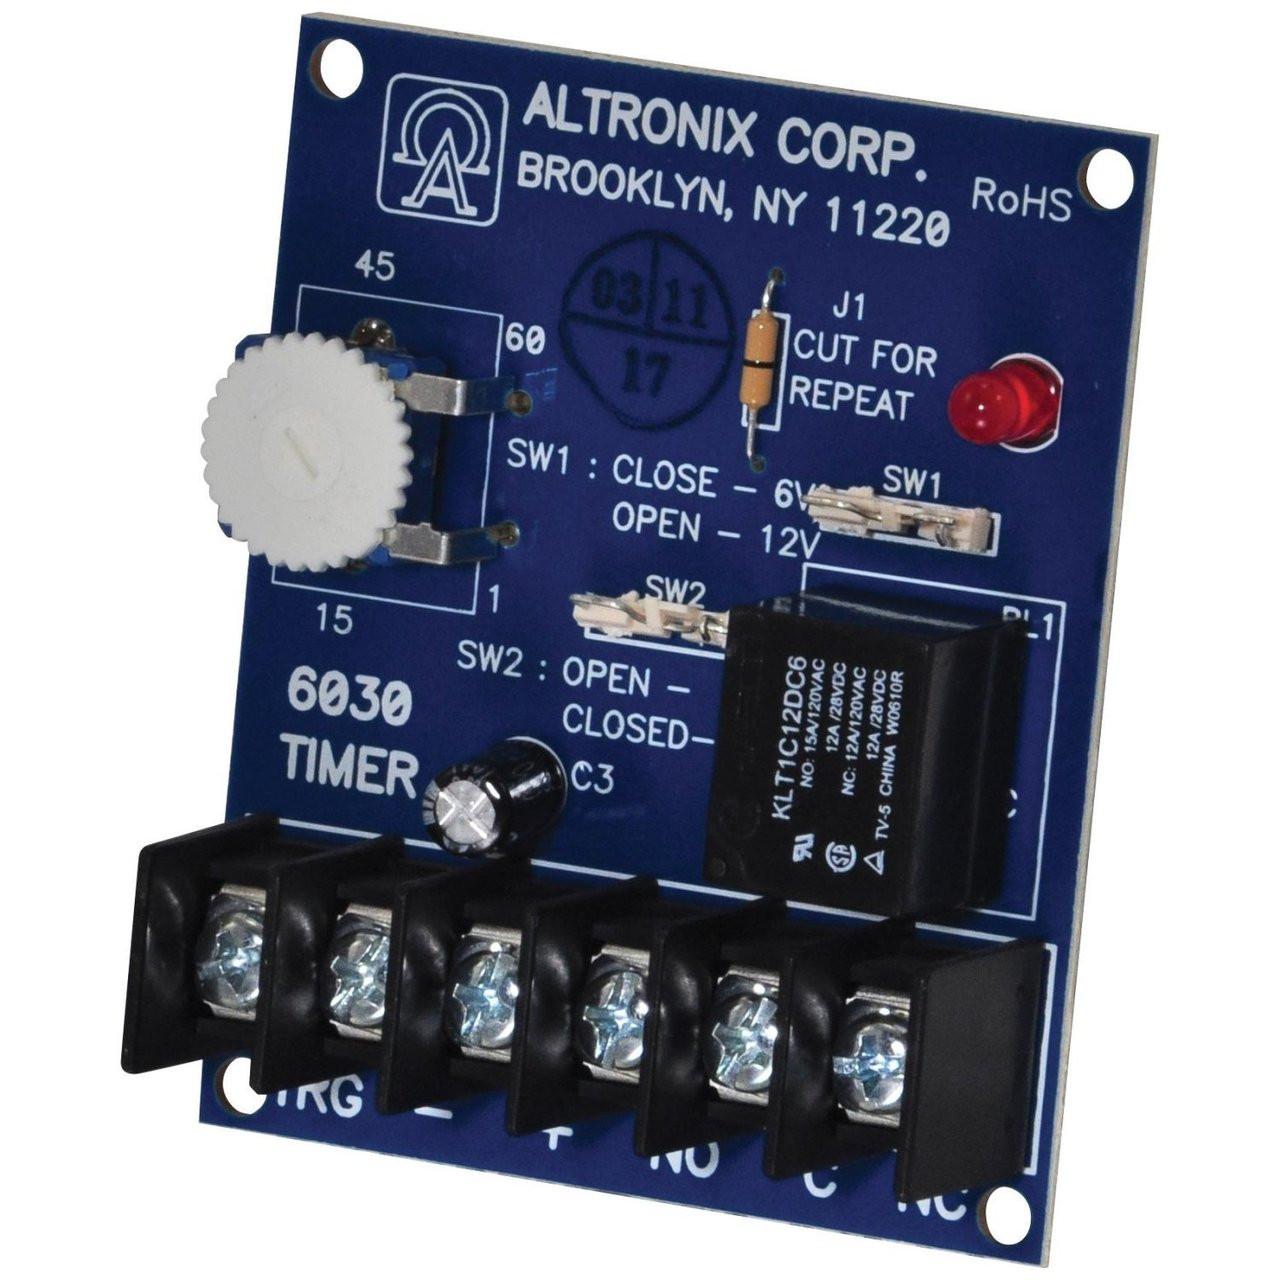 Altronix 6030 Timer Bell Cut Off Amplifier